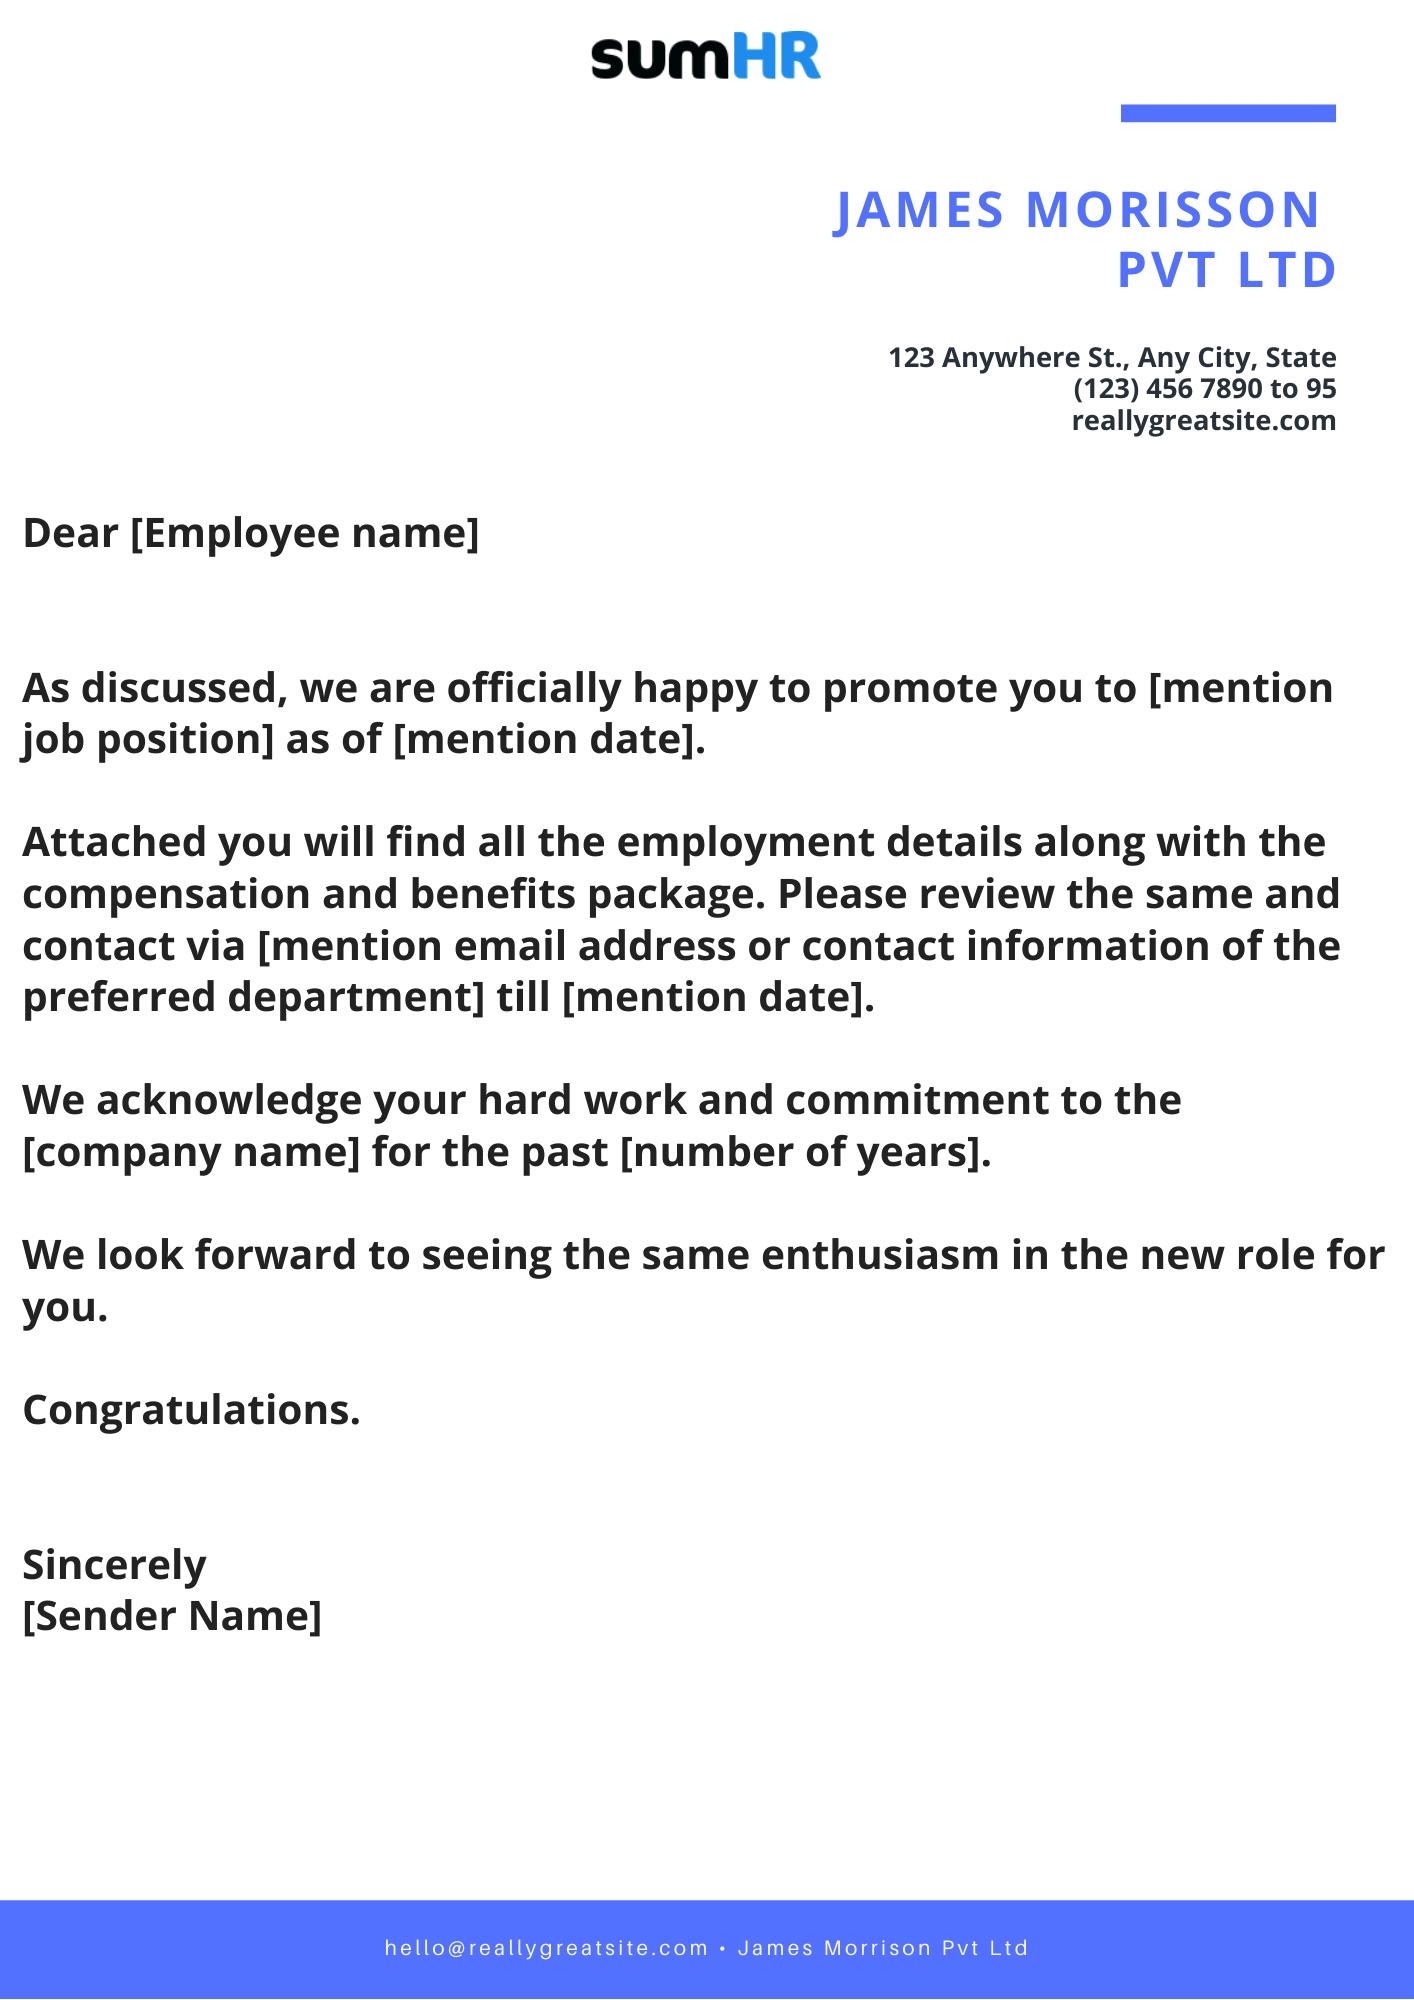 Internal Job Offer Template